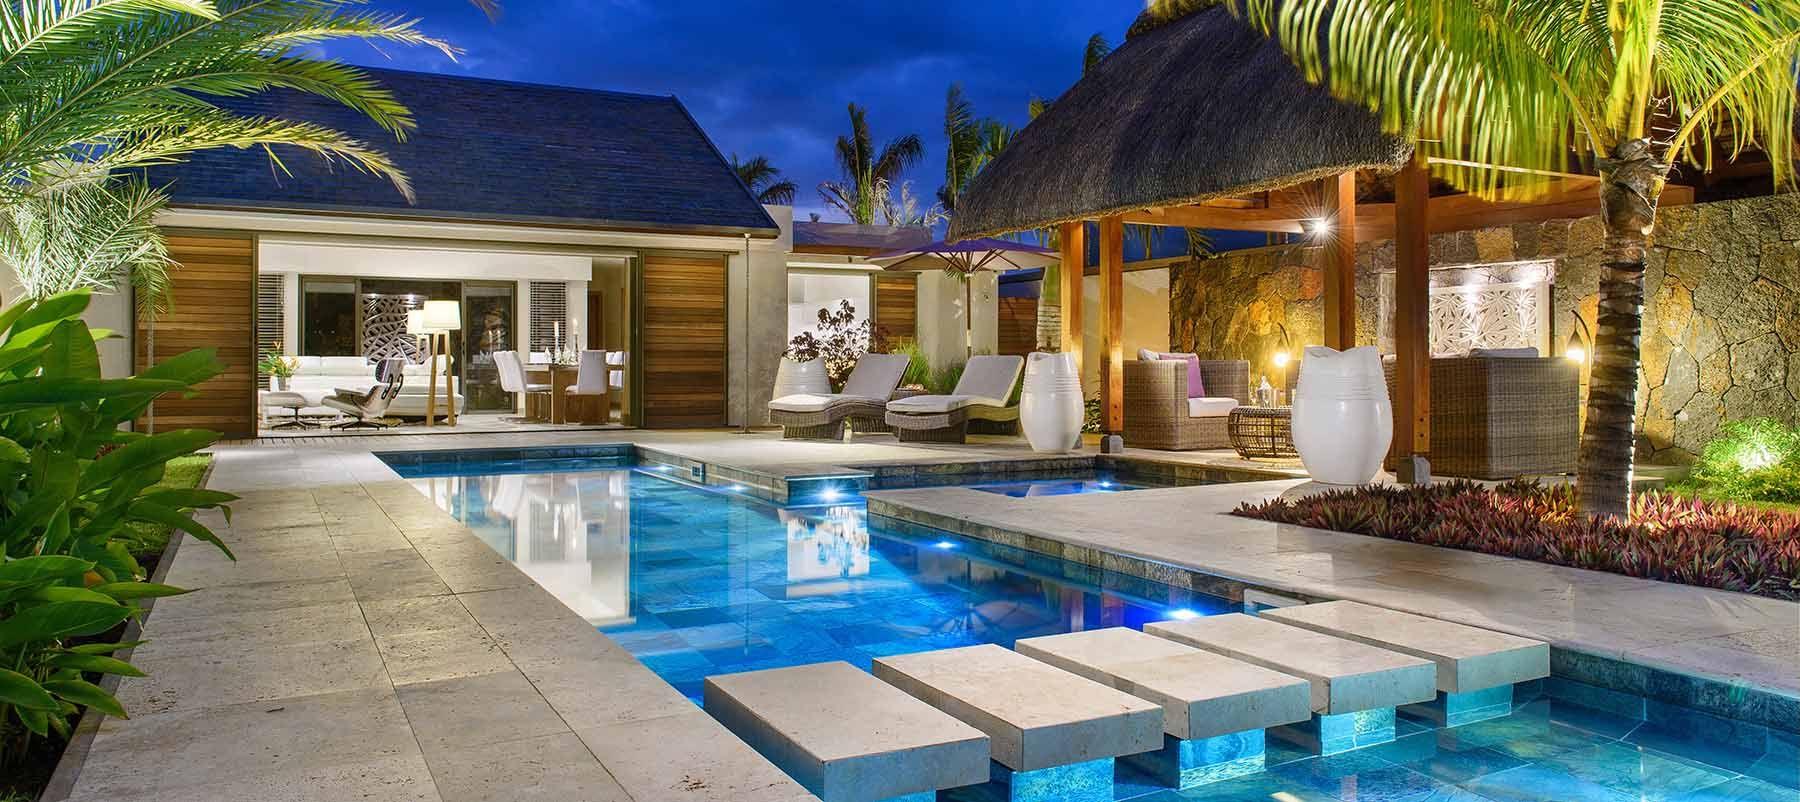 Clos du Littoral Luxury Villa, Mauritius Luxury estate